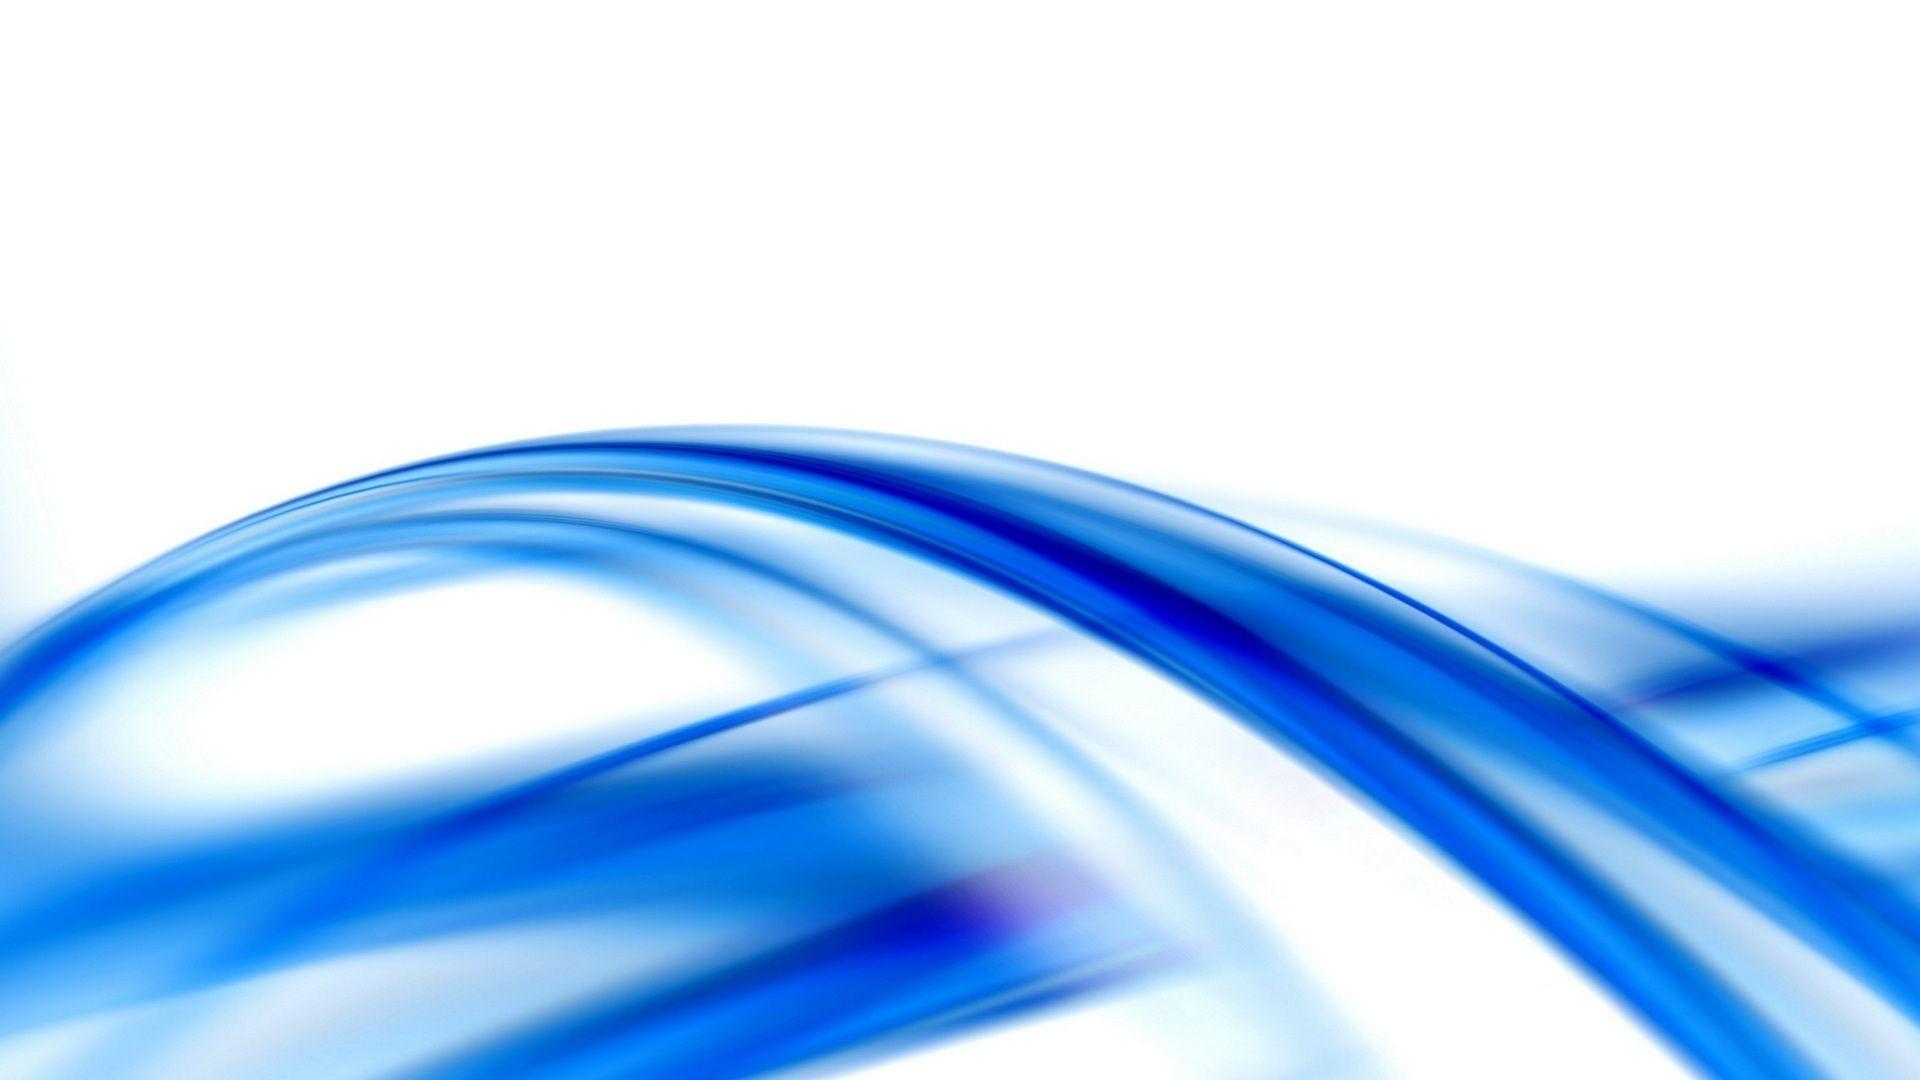 Blue Line 1080p